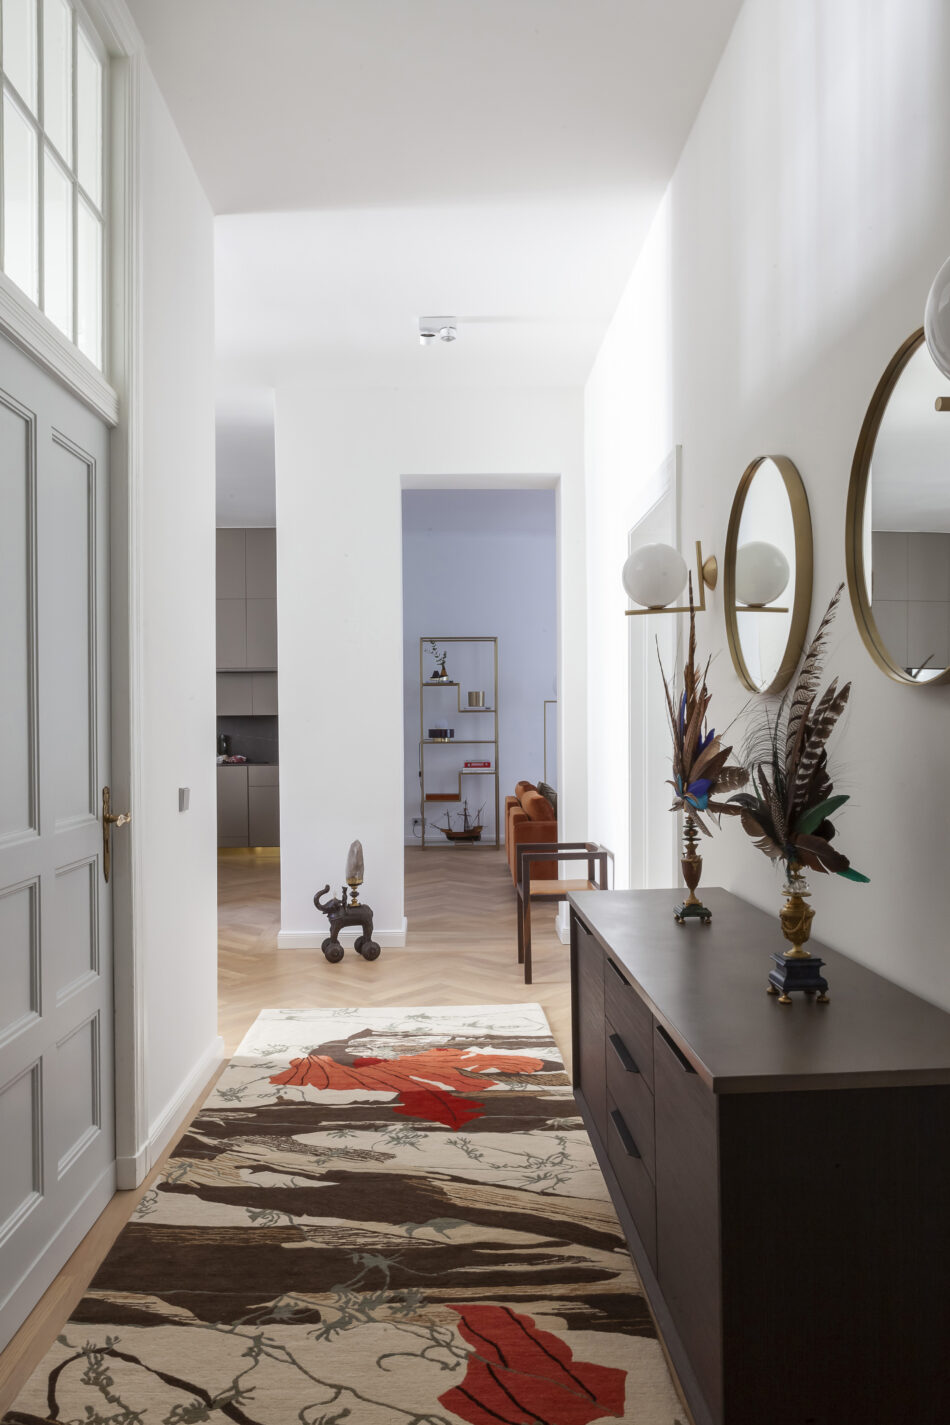 Antonius Schimmelbusch_Apartment_Berlin_Anne-Catherine Scoffoni_privat_29